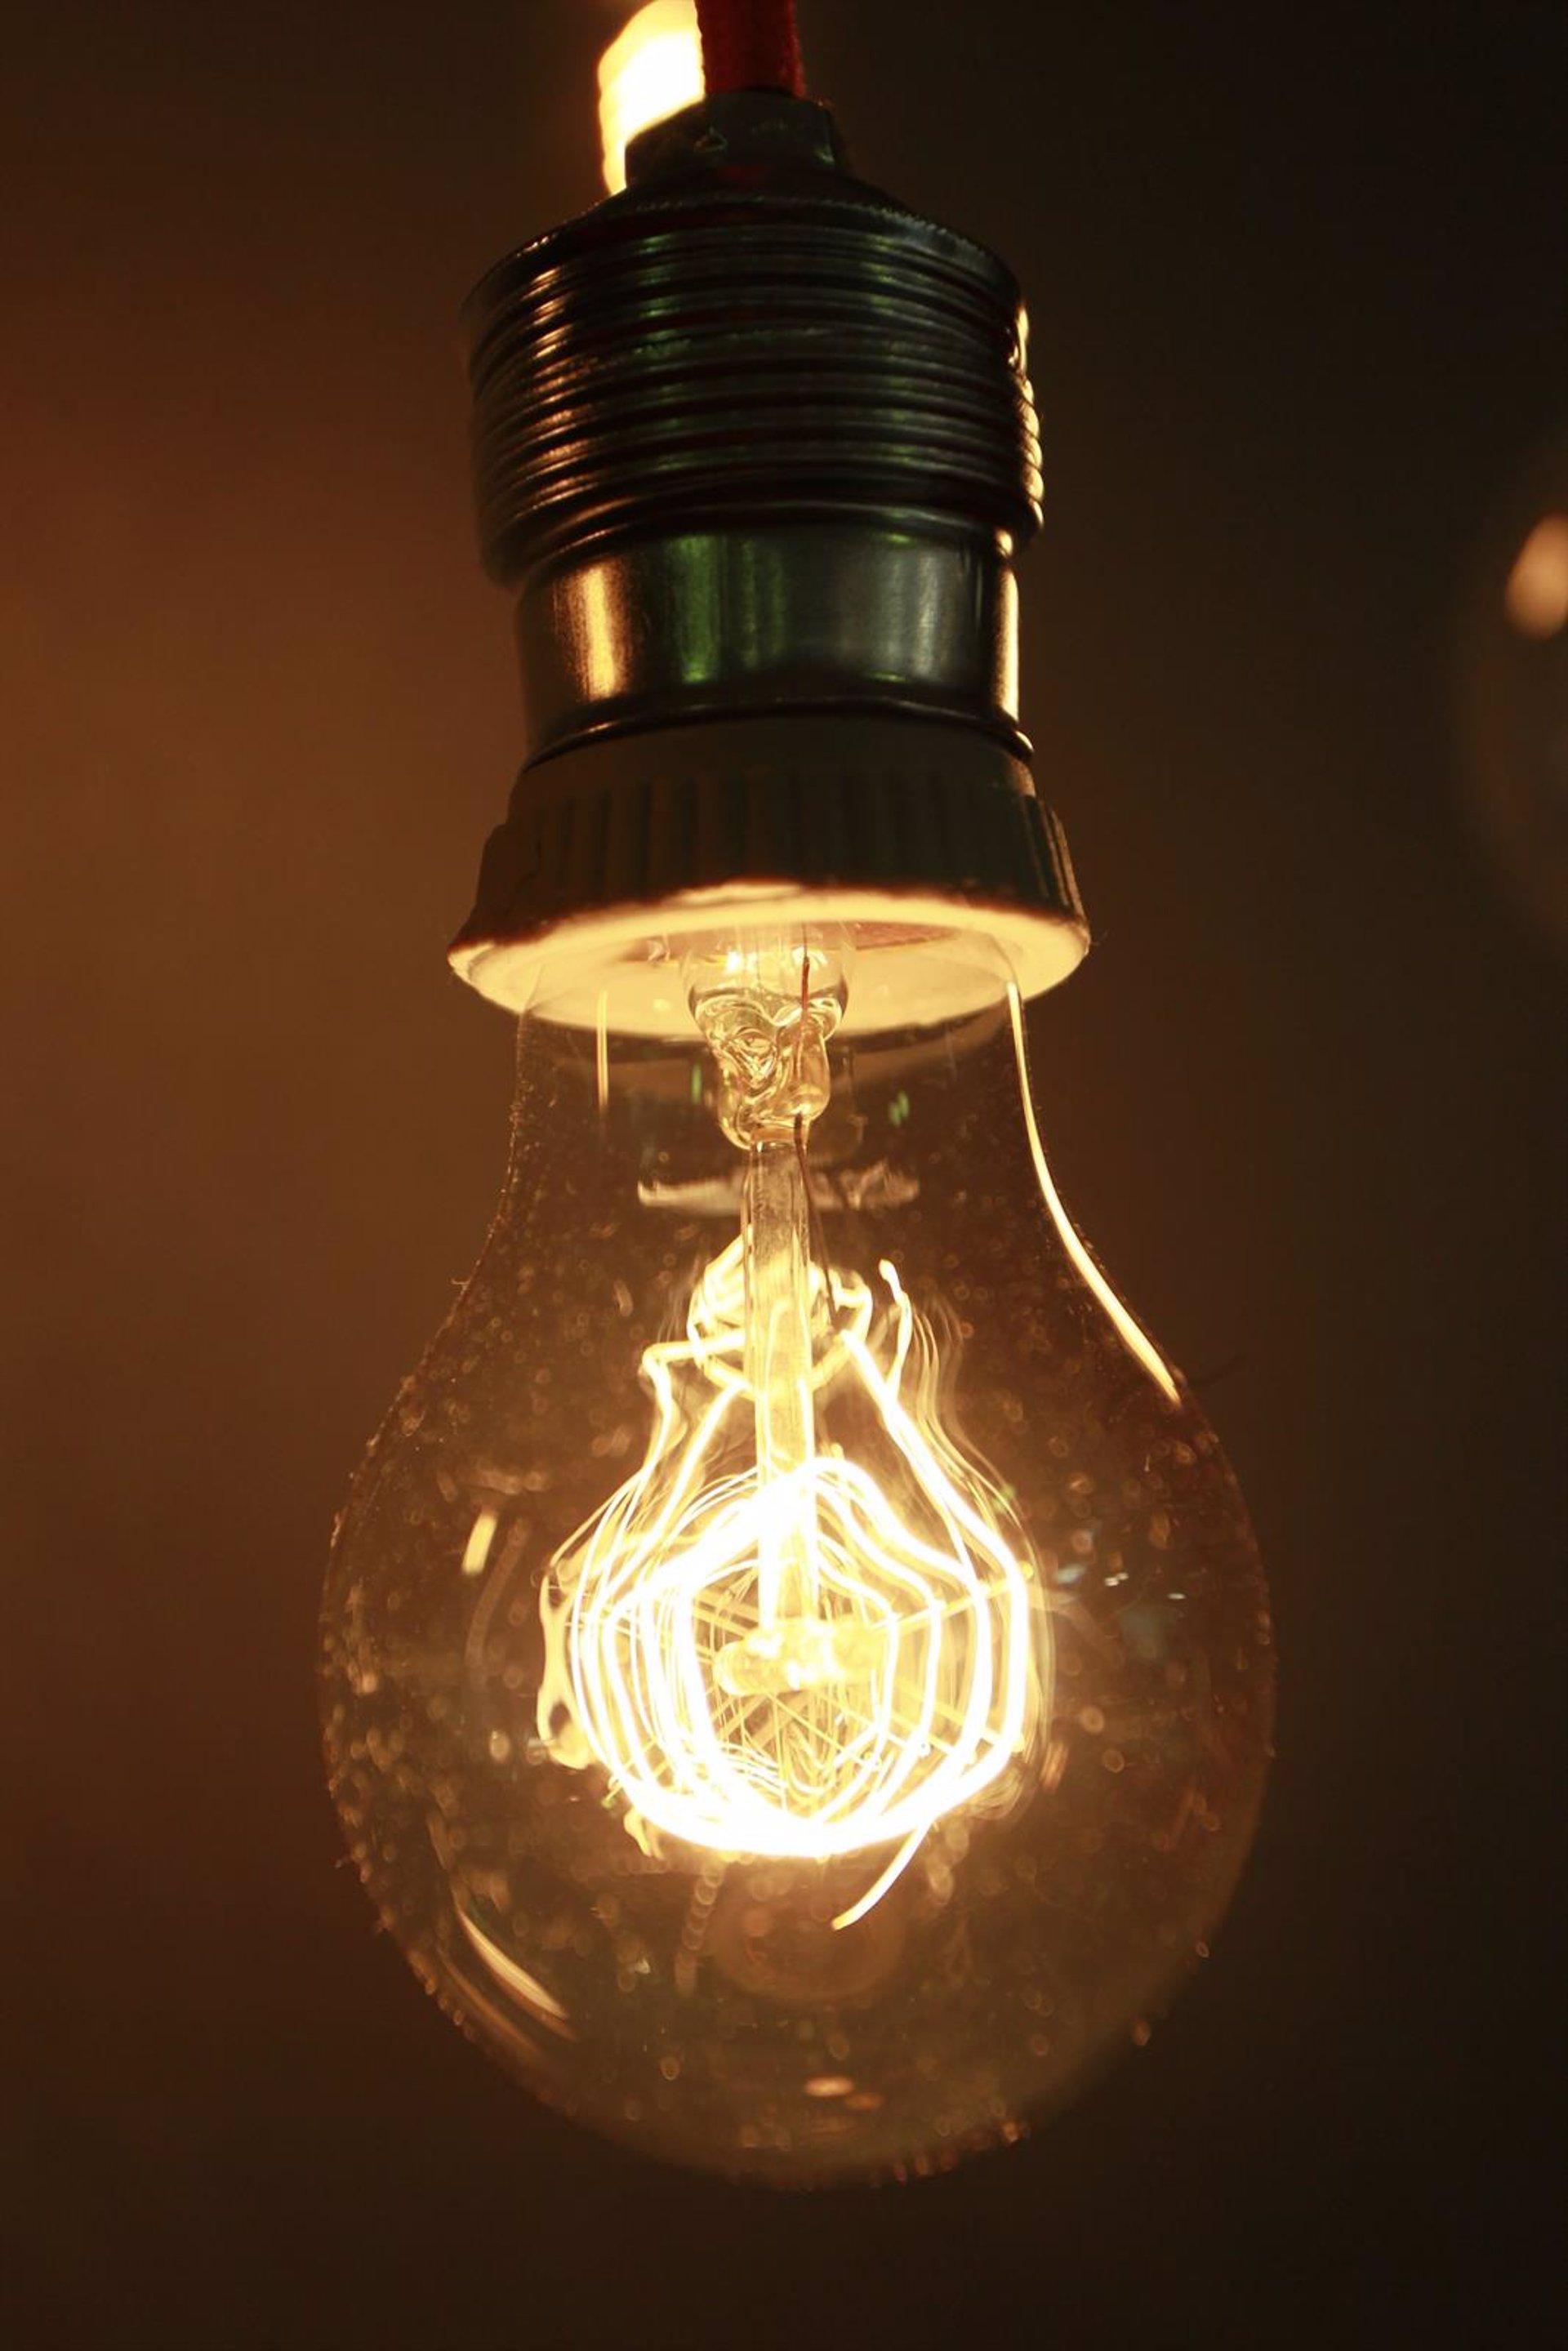 El recibo de la luz se dispara un 7% en octubre, su mayor subida desde enero